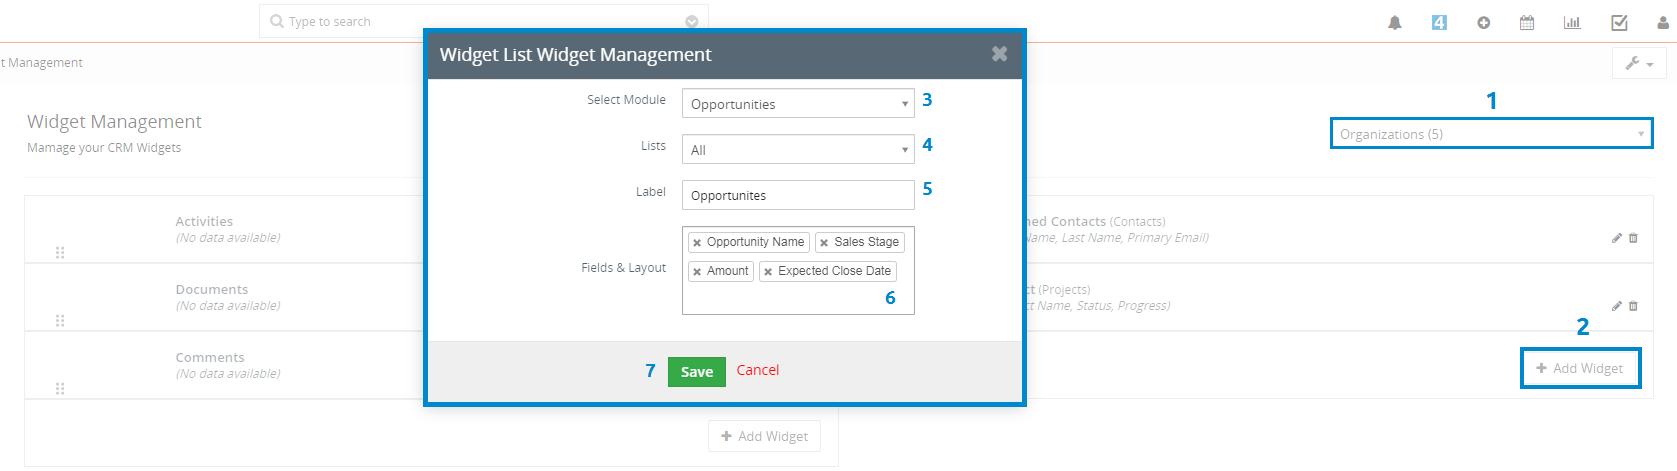 Creating widget step by step